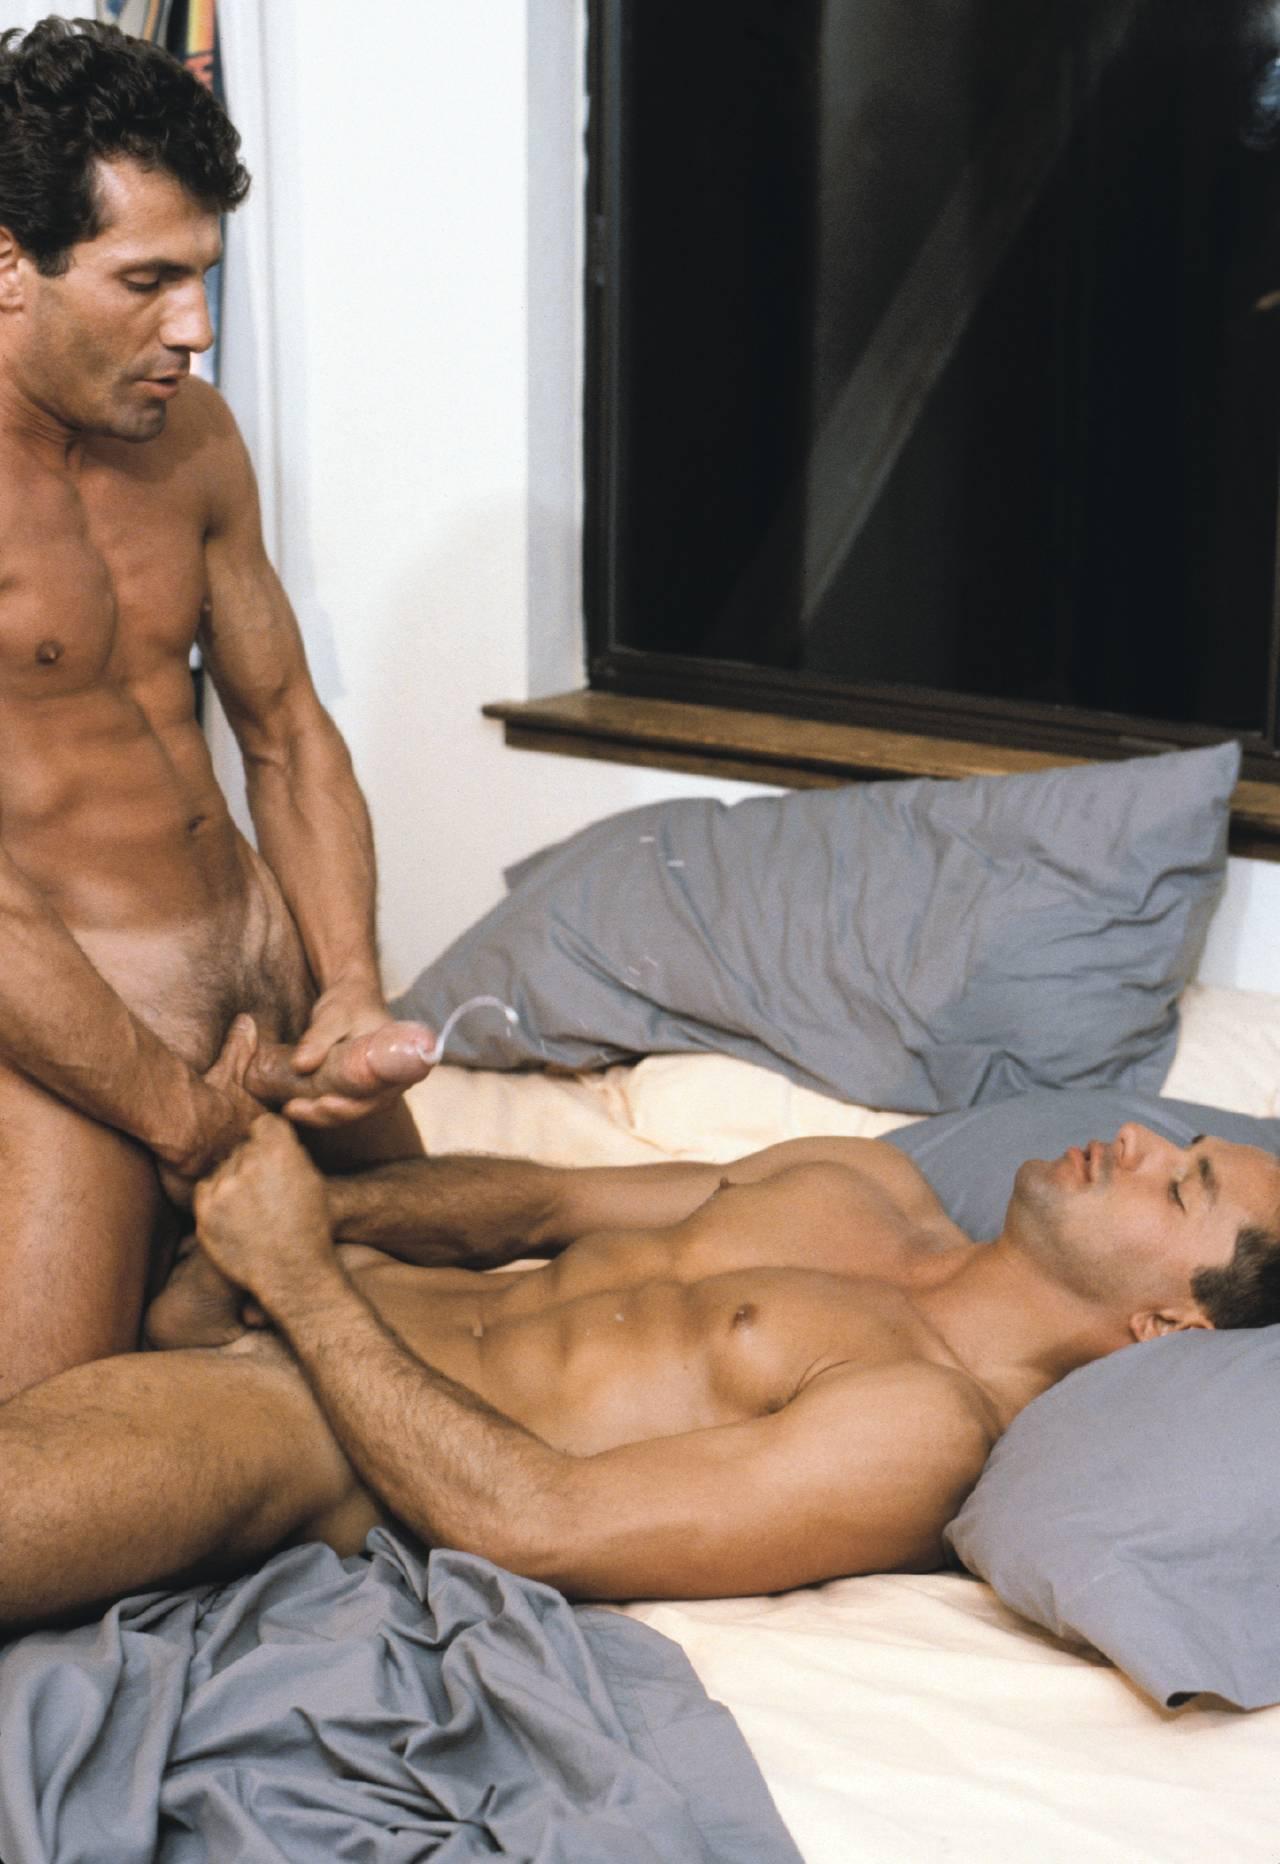 HD la qualità dei filmati sesso xxx e porno italiano totalmente gratis.